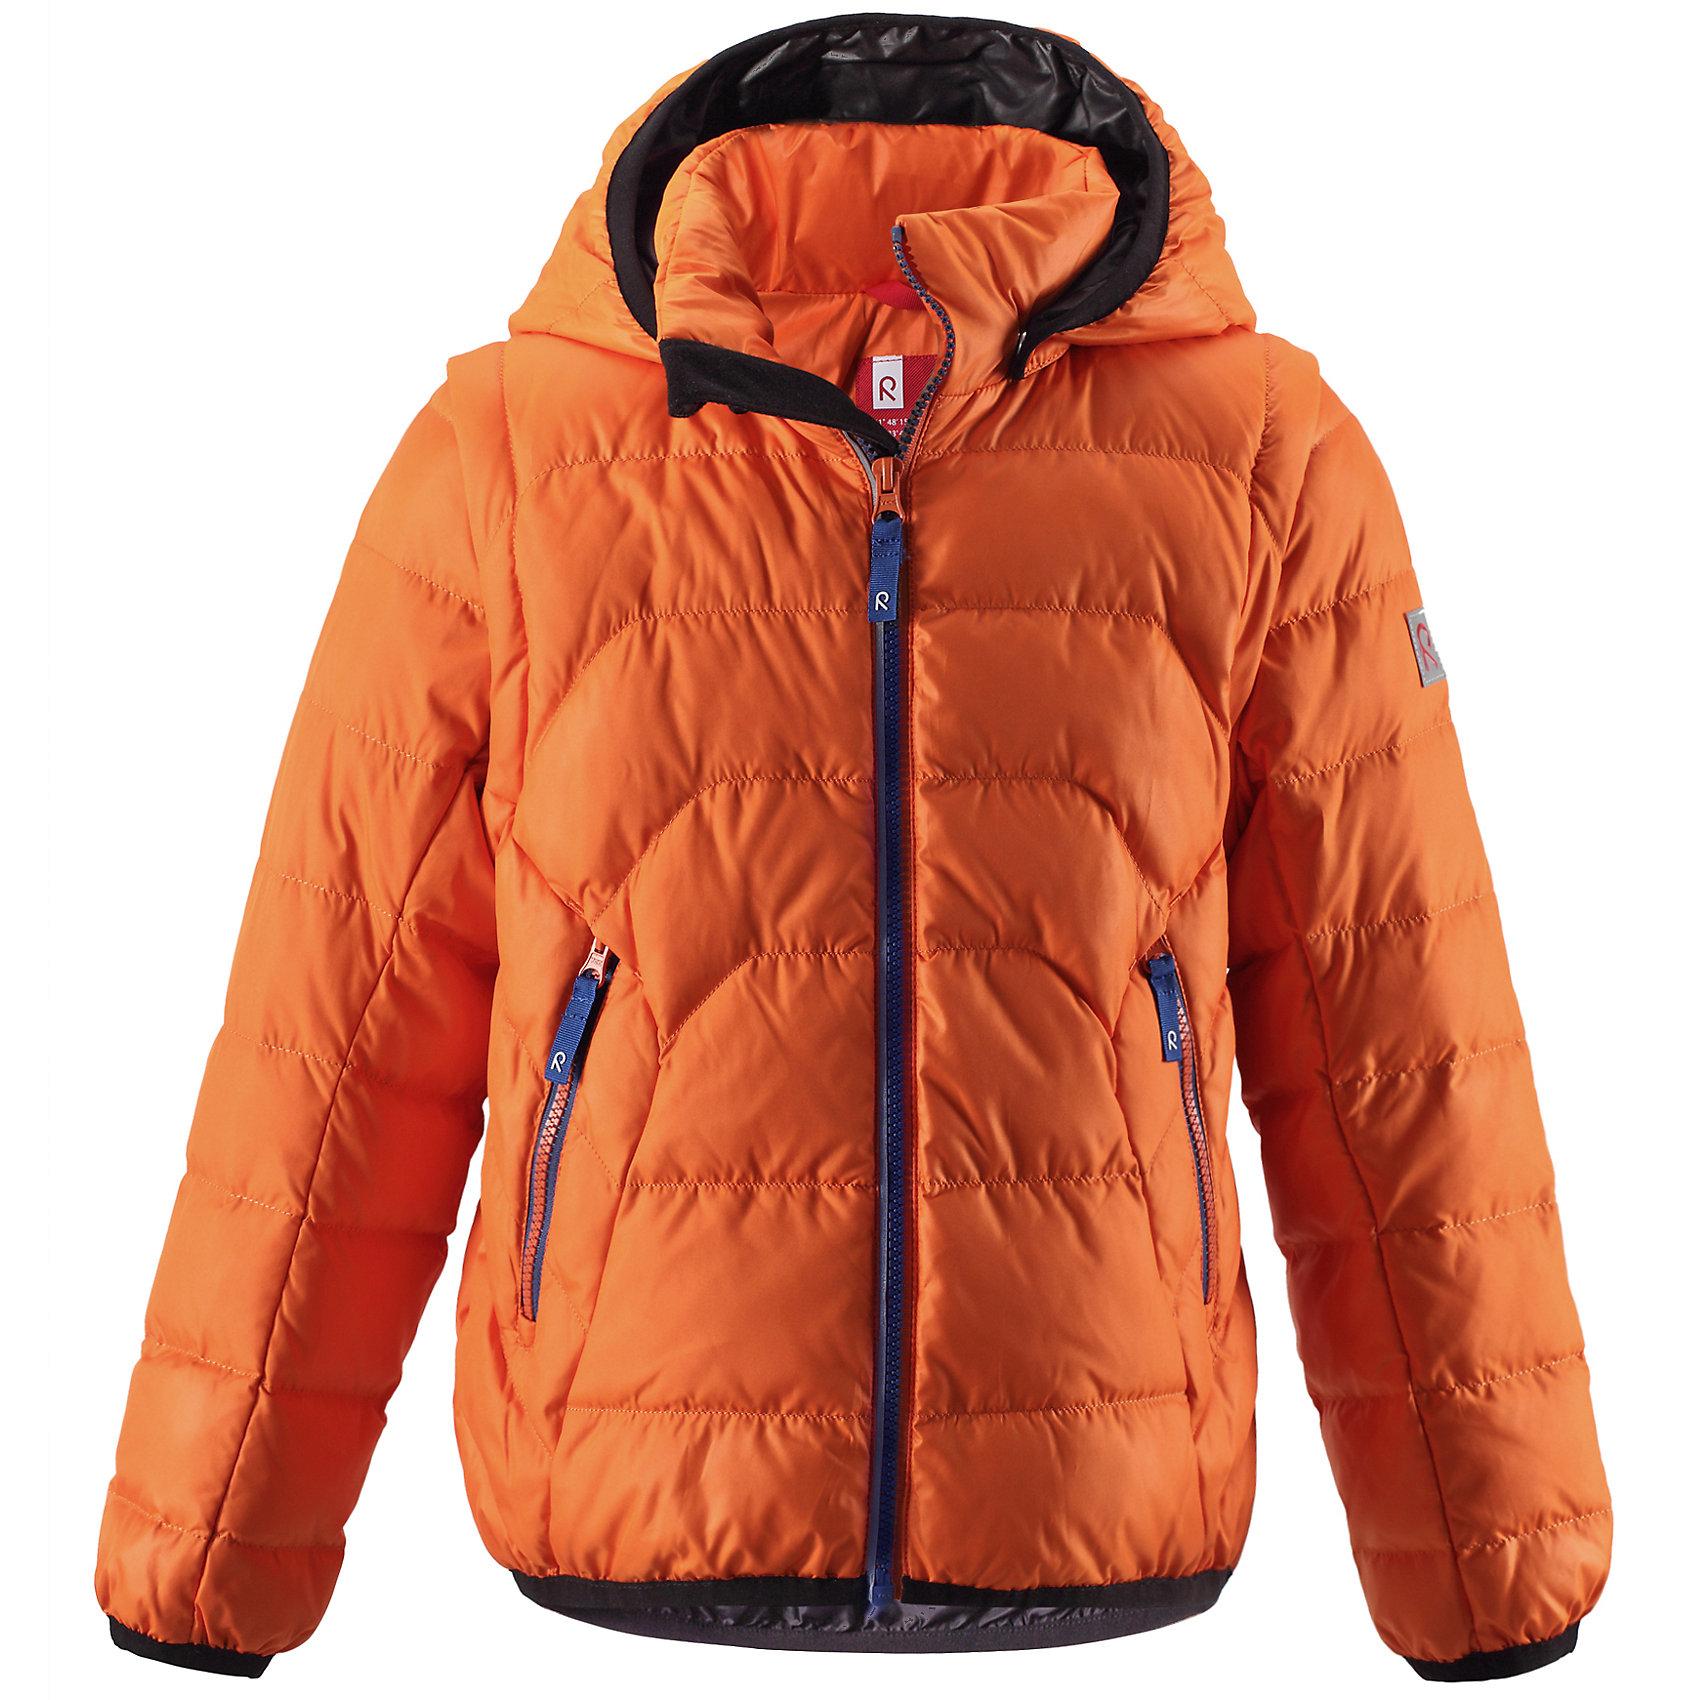 Куртка ReimaКуртка  от известного финского бренда Reima.<br>Куртка яркого оранжевого цвета со средней степенью утепления. Очень легкая и тонкая, наполнитель 60% пух / 40% перо. Рукава на молнии отстегиваются и куртка превращается в жилет.<br>Температурный режим: до -20<br><br>- Средняя степень утепления<br>- Безопасный съёмный регулируемый капюшон<br>- Отстёгивающиеся рукава на молниях<br>- Эластичный кант на манжетах рукавов и по нижнему краю пуховика<br>- Молнии контрастного цвета<br>- Два боковых кармана на молниях<br>Состав:<br>60% пух / 40% перо<br>Средняя степень утепления<br>Безопасный съёмный регулируемый капюшон<br>Отстёгивающиеся рукава на молниях<br>Эластичный кант на манжетах рукавов и по нижнему краю пуховика<br>Молнии контрастного цвета<br>Два боковых кармана на молниях<br><br>Ширина мм: 356<br>Глубина мм: 10<br>Высота мм: 245<br>Вес г: 519<br>Цвет: оранжевый<br>Возраст от месяцев: 48<br>Возраст до месяцев: 60<br>Пол: Унисекс<br>Возраст: Детский<br>Размер: 140,134,116,122,110,128<br>SKU: 4869727